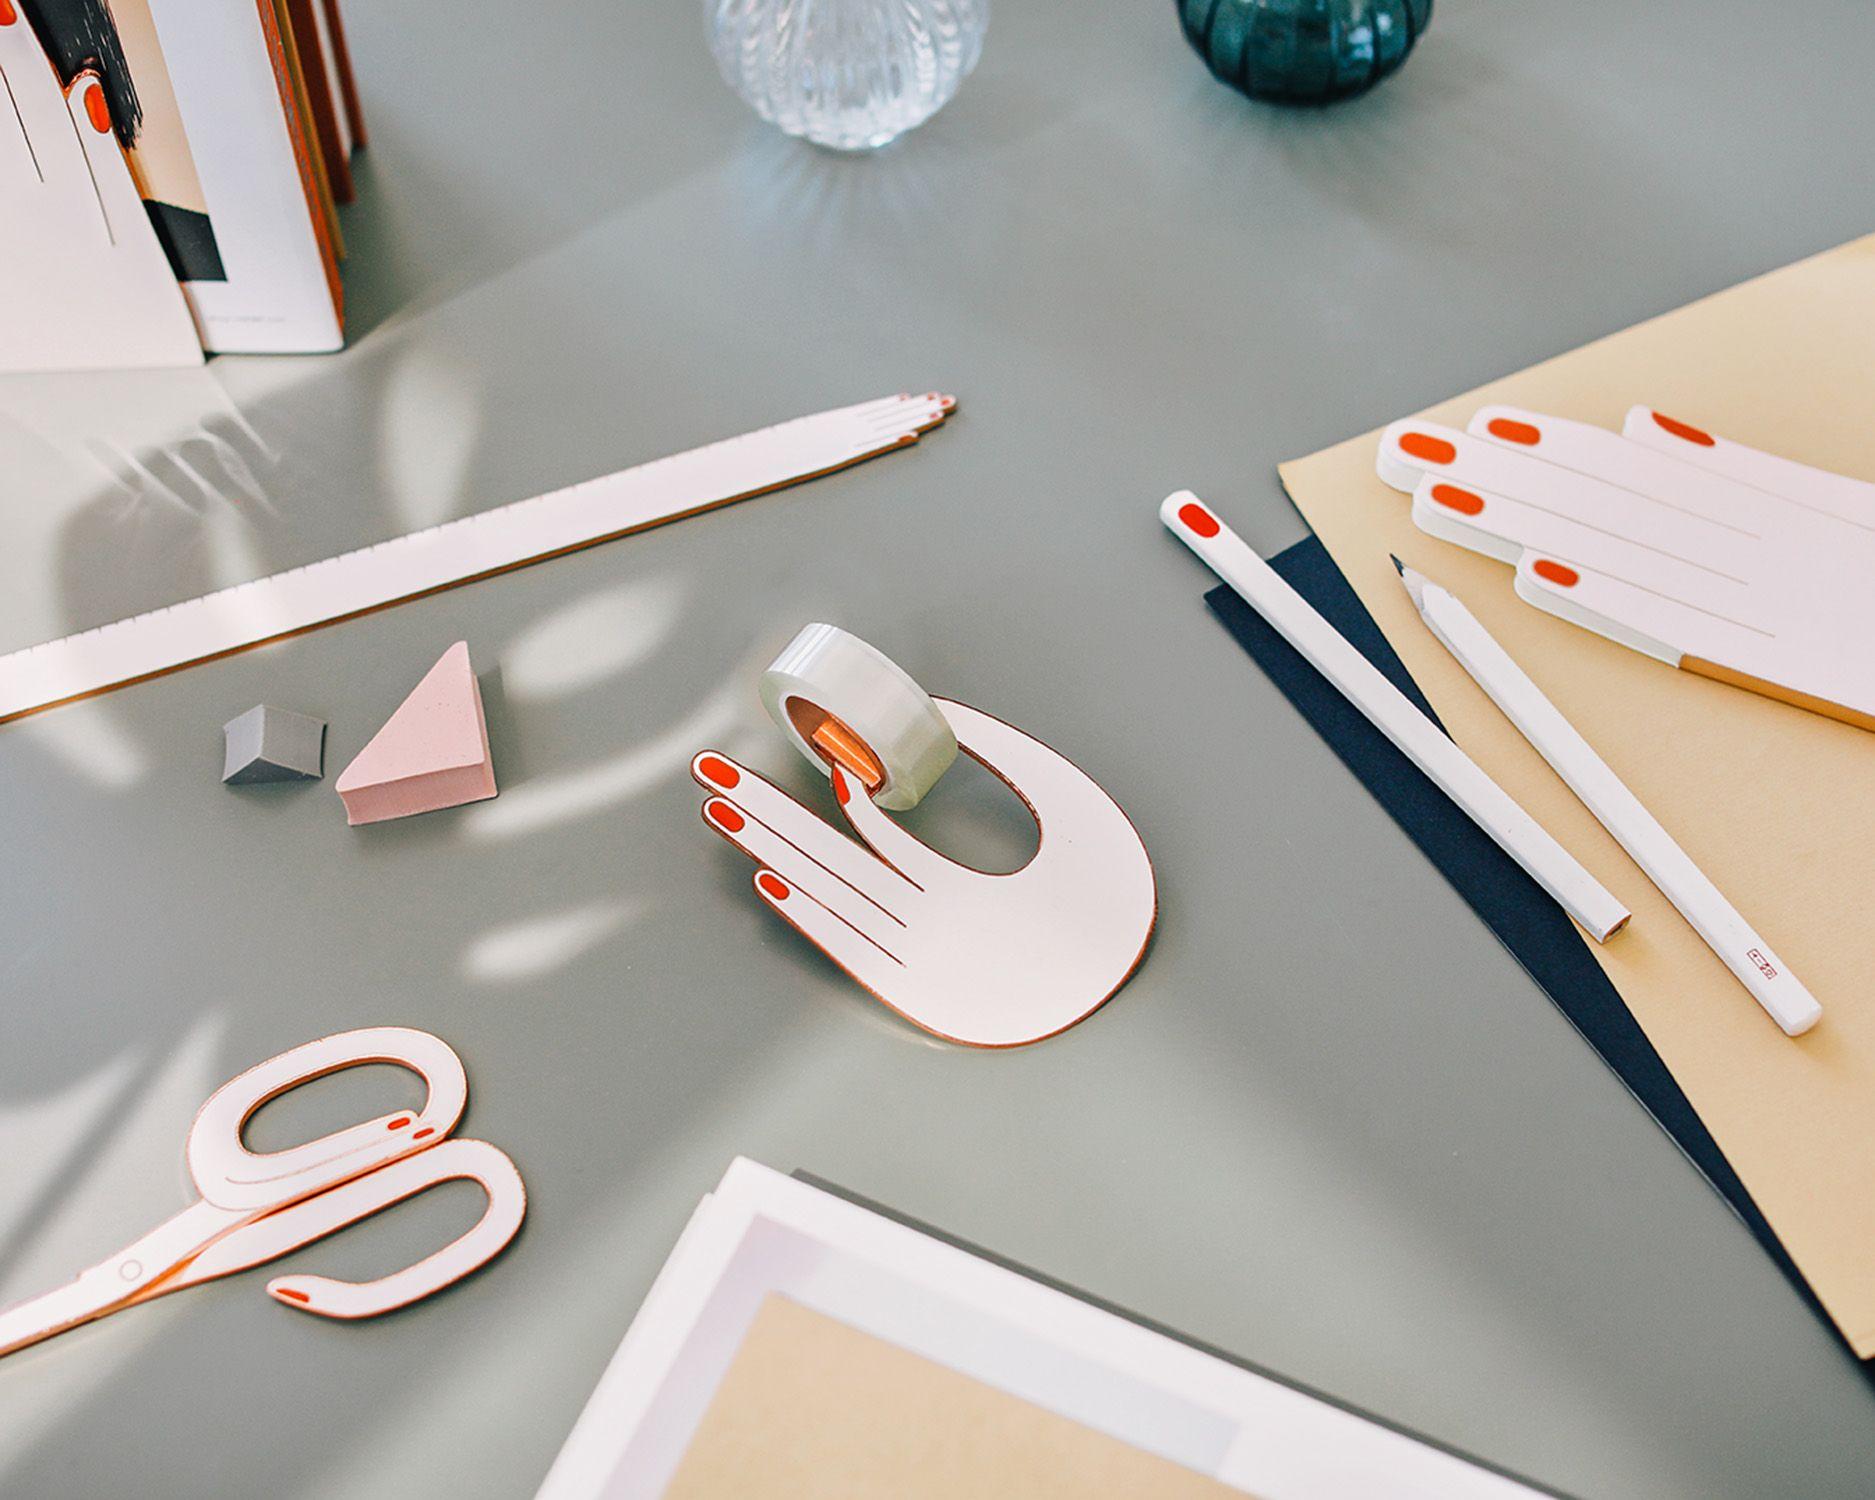 「小手手」文具組可愛到想吃手手!書桌上的文具就是要長得可愛才會想用它啊!